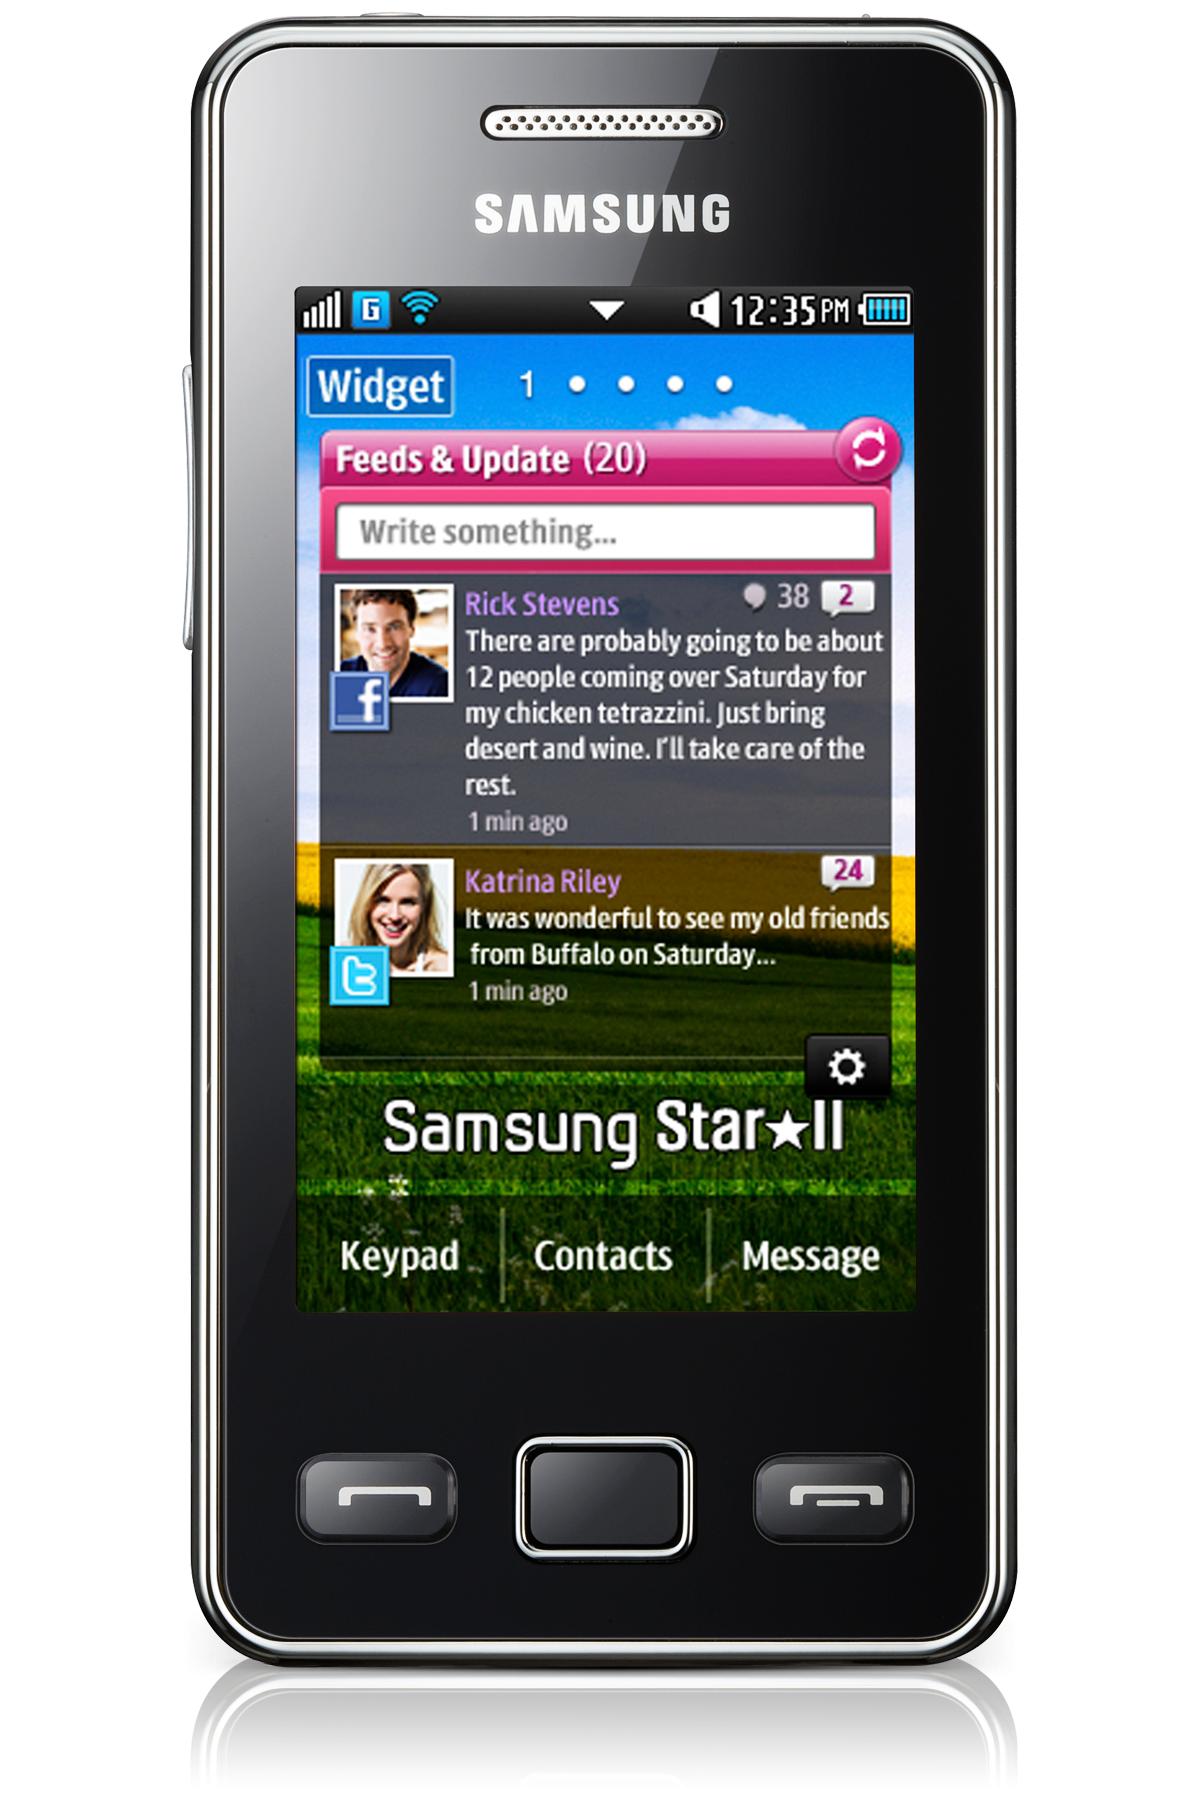 samsung star ii samsung support philippines rh samsung com Samsung Rugby Samsung Owner's Manual